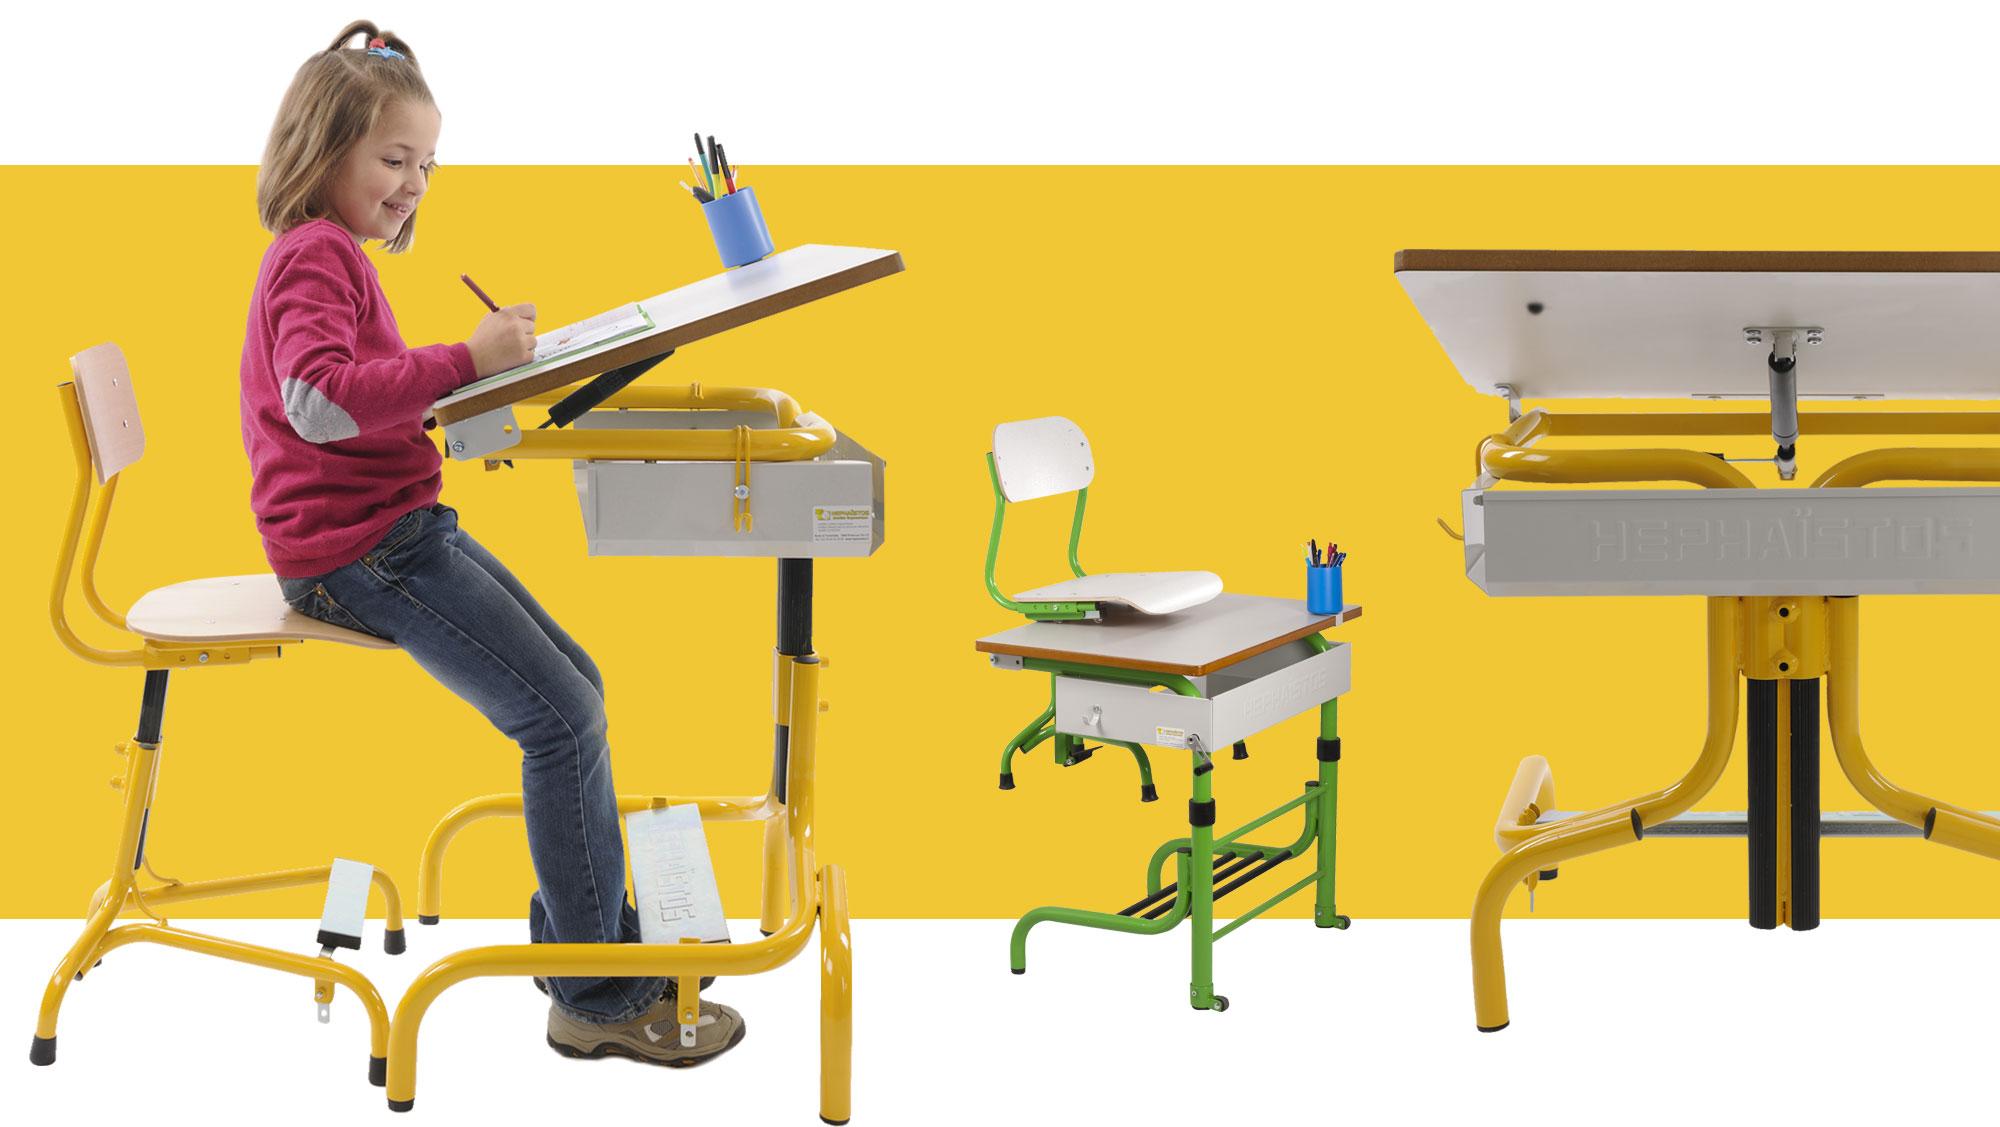 Hephaïstos mobilier ergonomique gamme scolaire table et chaise de bureau